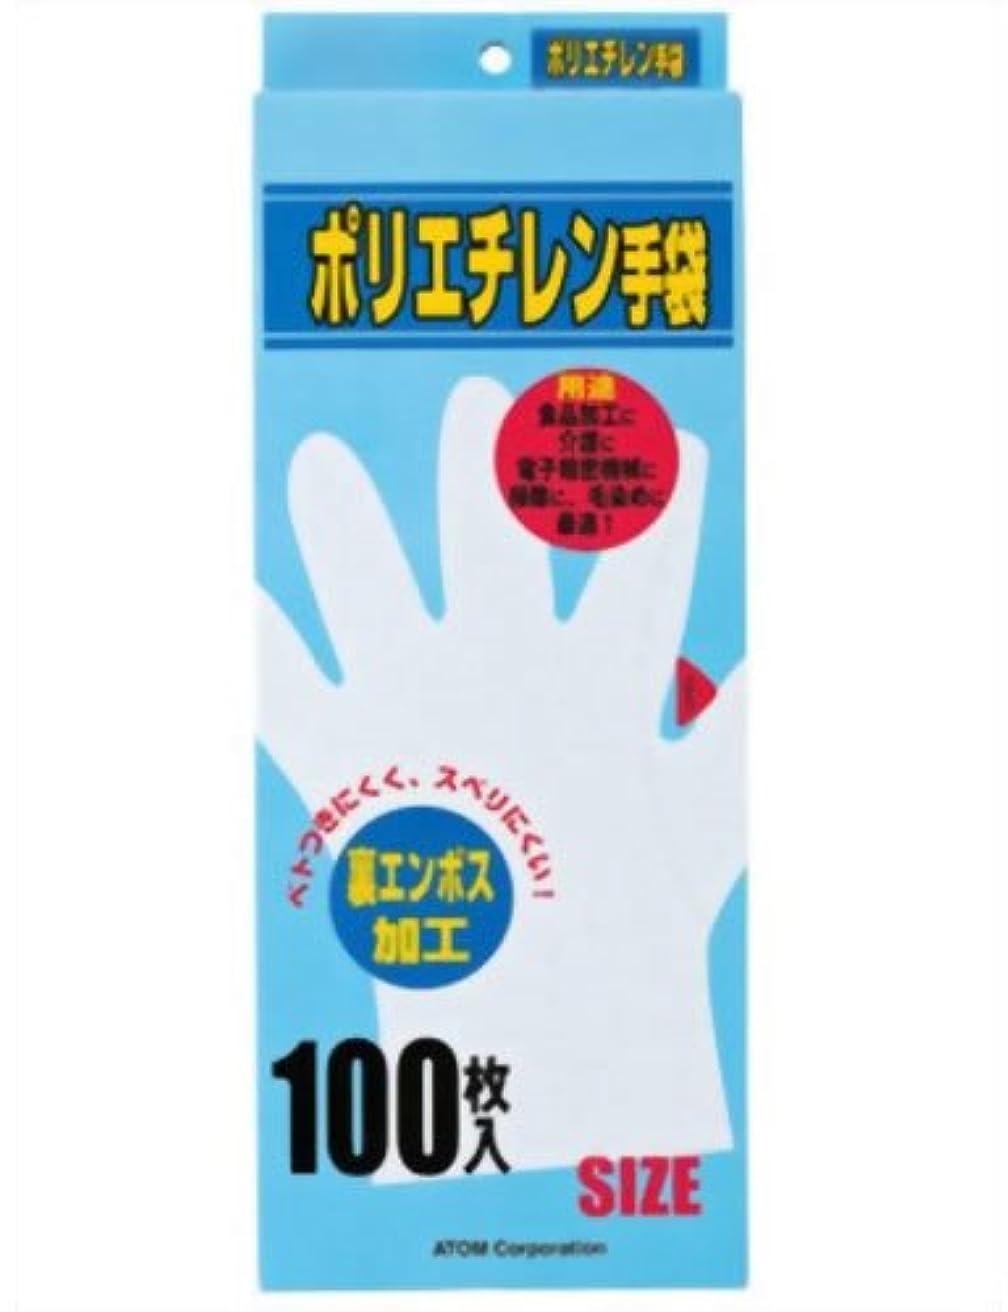 保証酸素発送アトム ポリエチレン手袋 M 100枚入